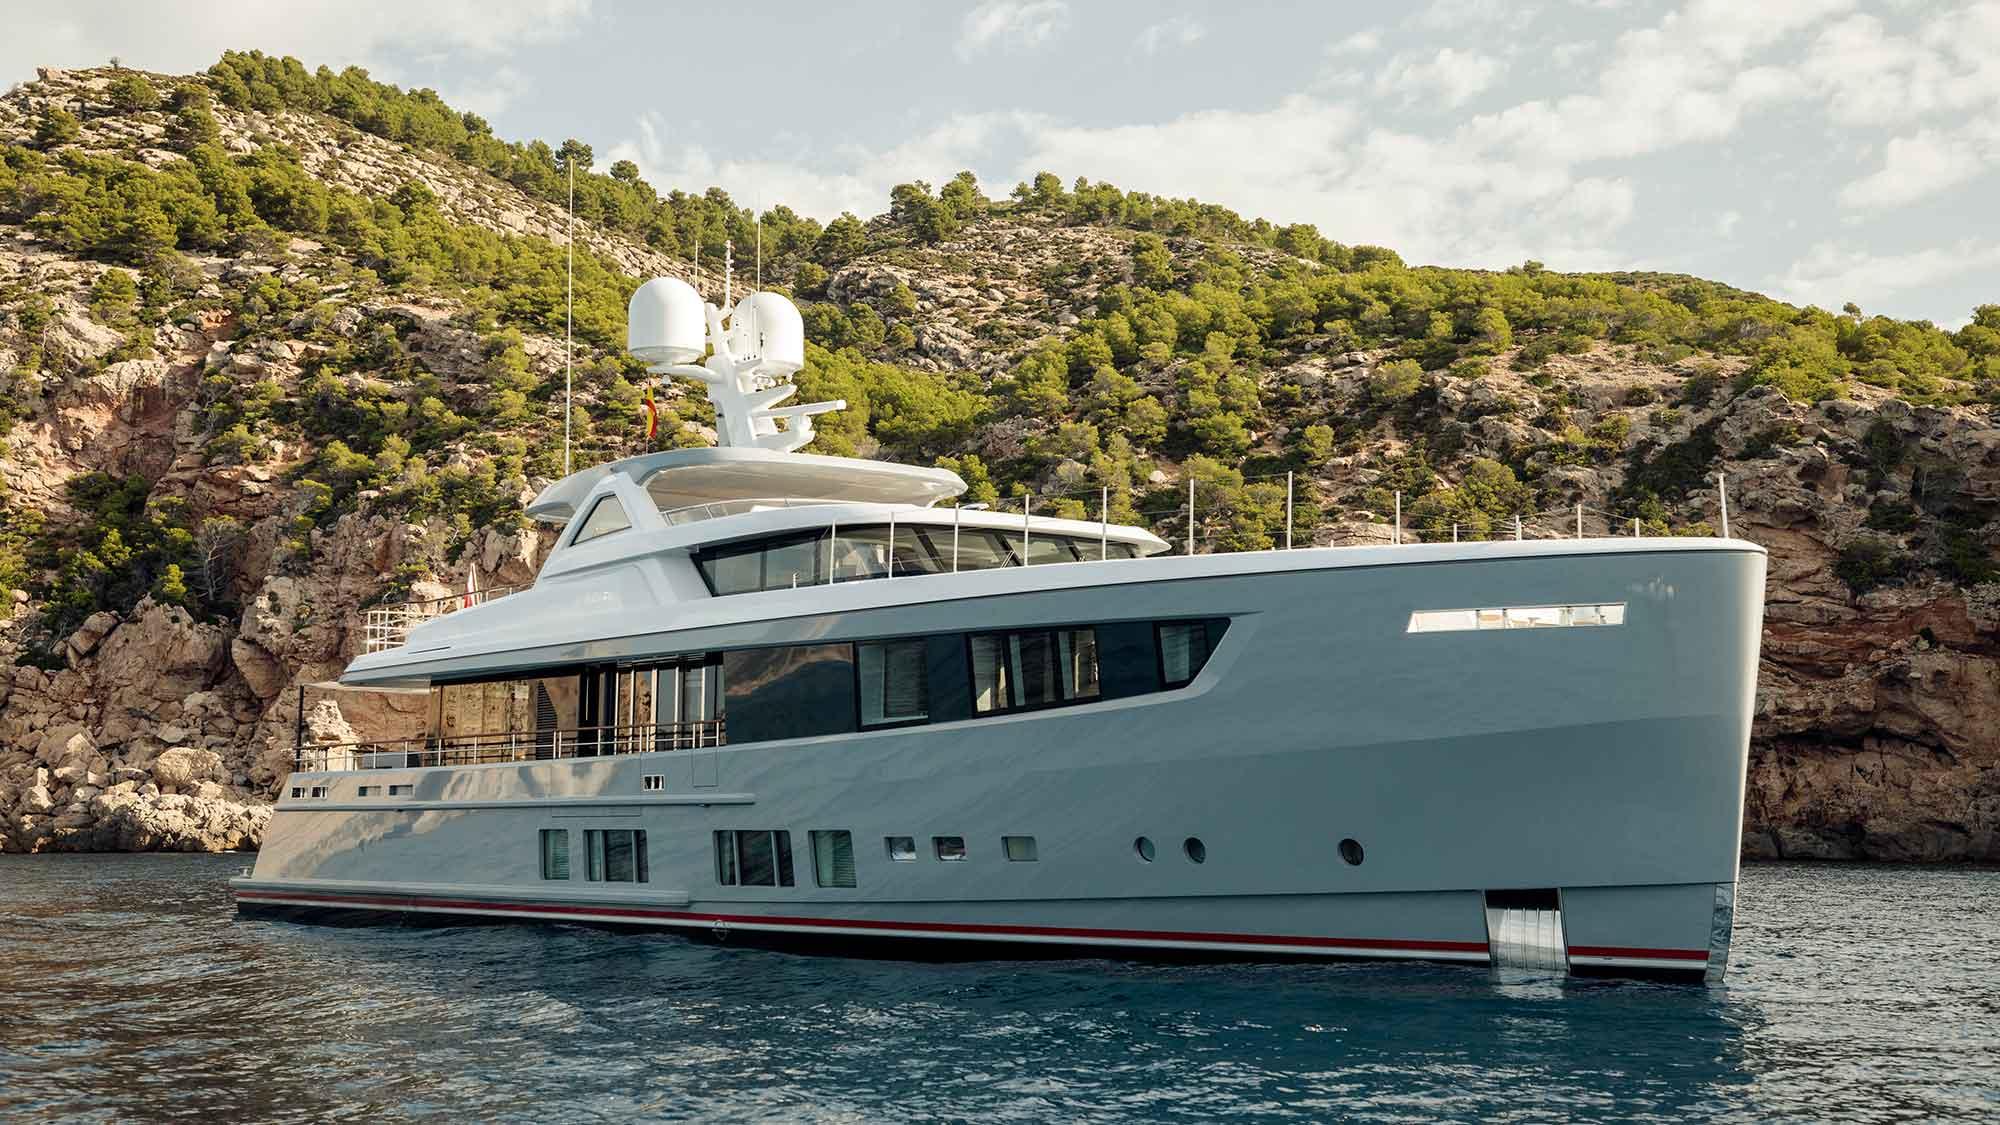 Superyacht DELTA ONE